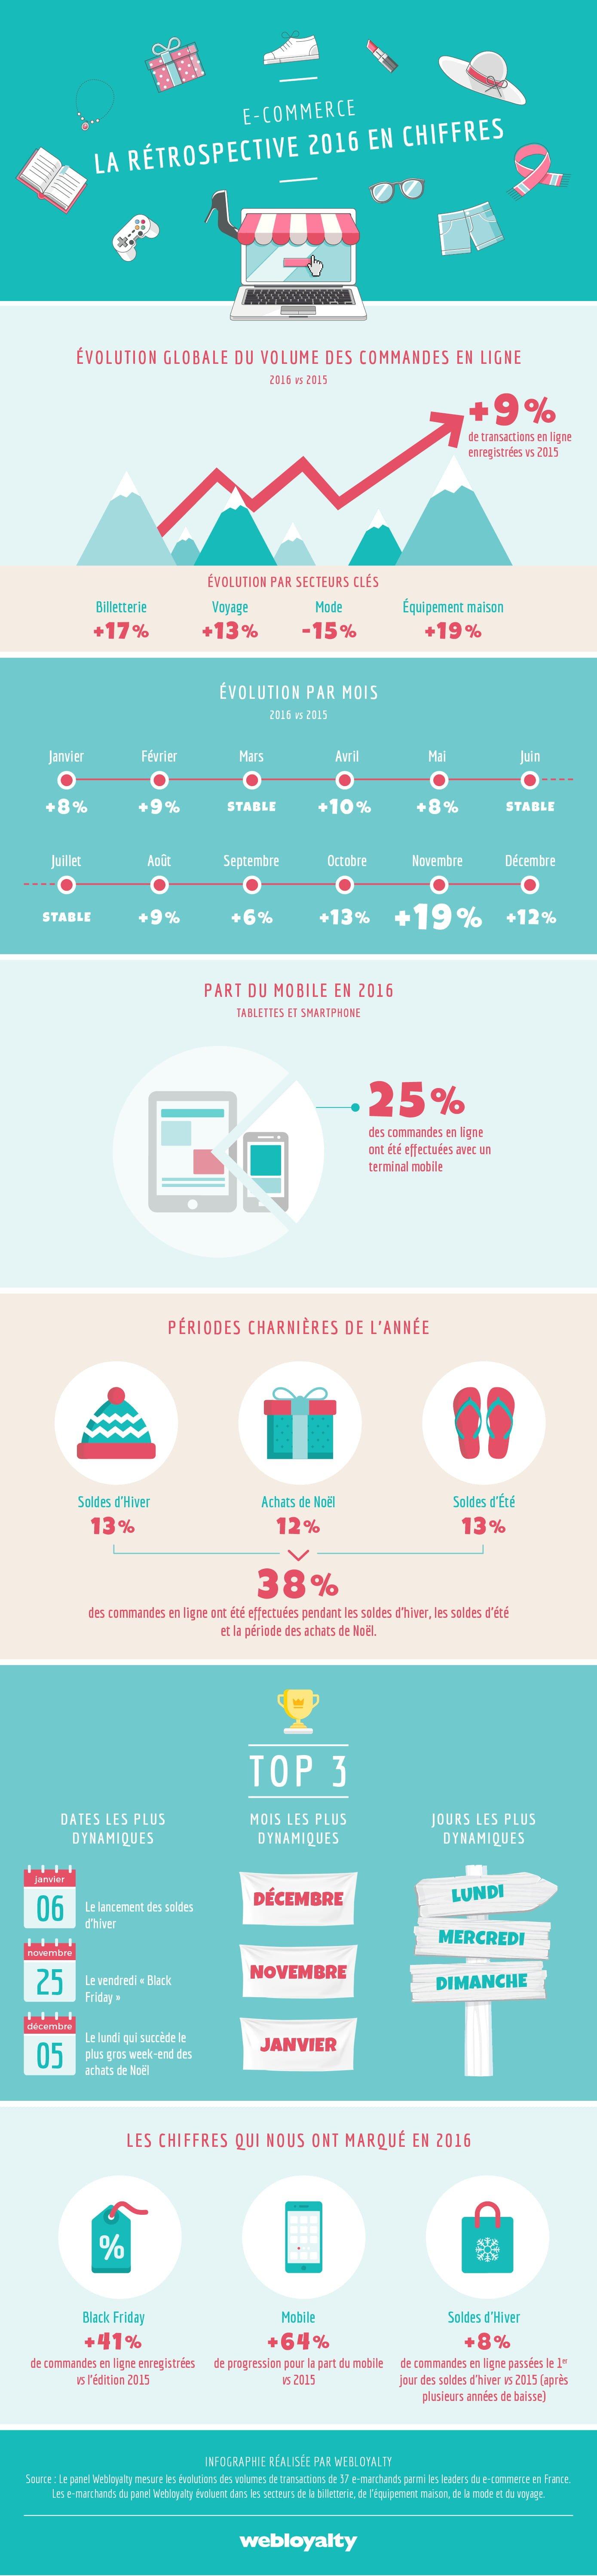 Soldes et e-commerce